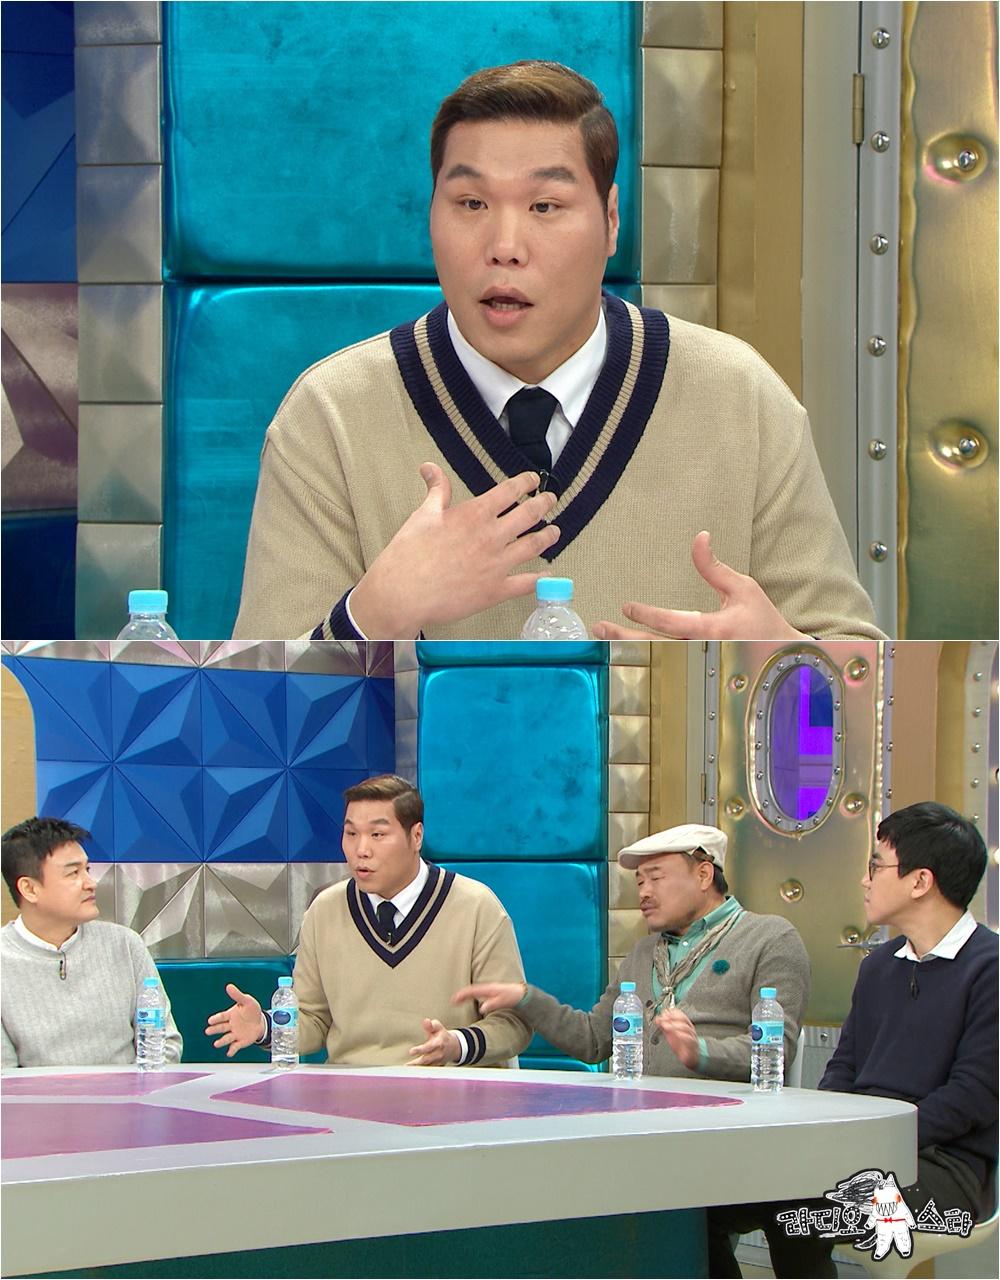 '라디오스타' 서장훈, 한채아-차세찌 열애에 솔직 심경 고백